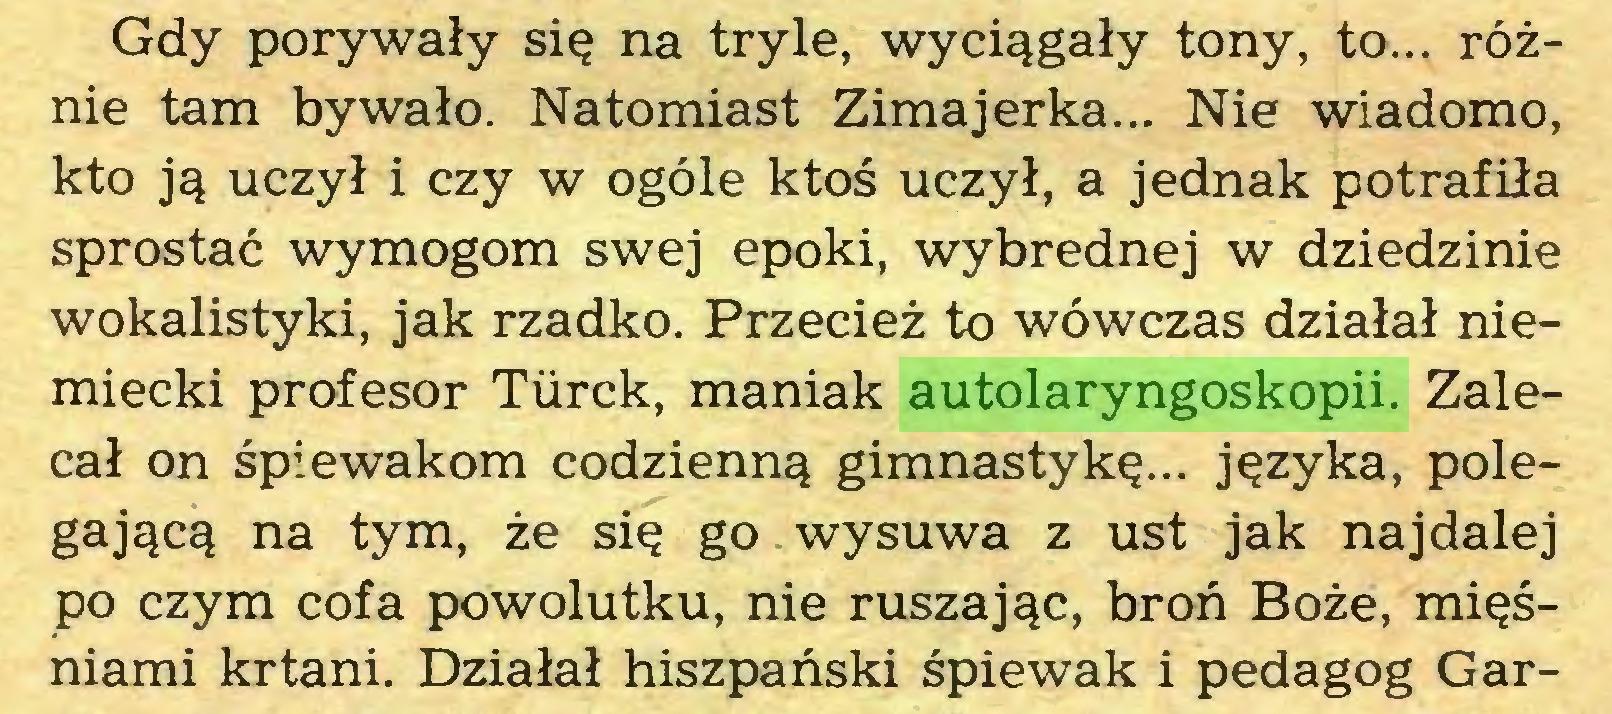 (...) Gdy porywały się na tryle, wyciągały tony, to... różnie tam bywało. Natomiast Zimajerka... Nie wiadomo, kto ją uczył i czy w ogóle ktoś uczył, a jednak potrafiła sprostać wymogom swej epoki, wybrednej w dziedzinie wokalistyki, jak rzadko. Przecież to wówczas działał niemiecki profesor Turek, maniak autolaryngoskopii. Zalecał on śpiewakom codzienną gimnastykę... języka, polegającą na tym, że się go wysuwa z ust jak najdalej po czym cofa powolutku, nie ruszając, broń Boże, mięśniami krtani. Działał hiszpański śpiewak i pedagog Gar...